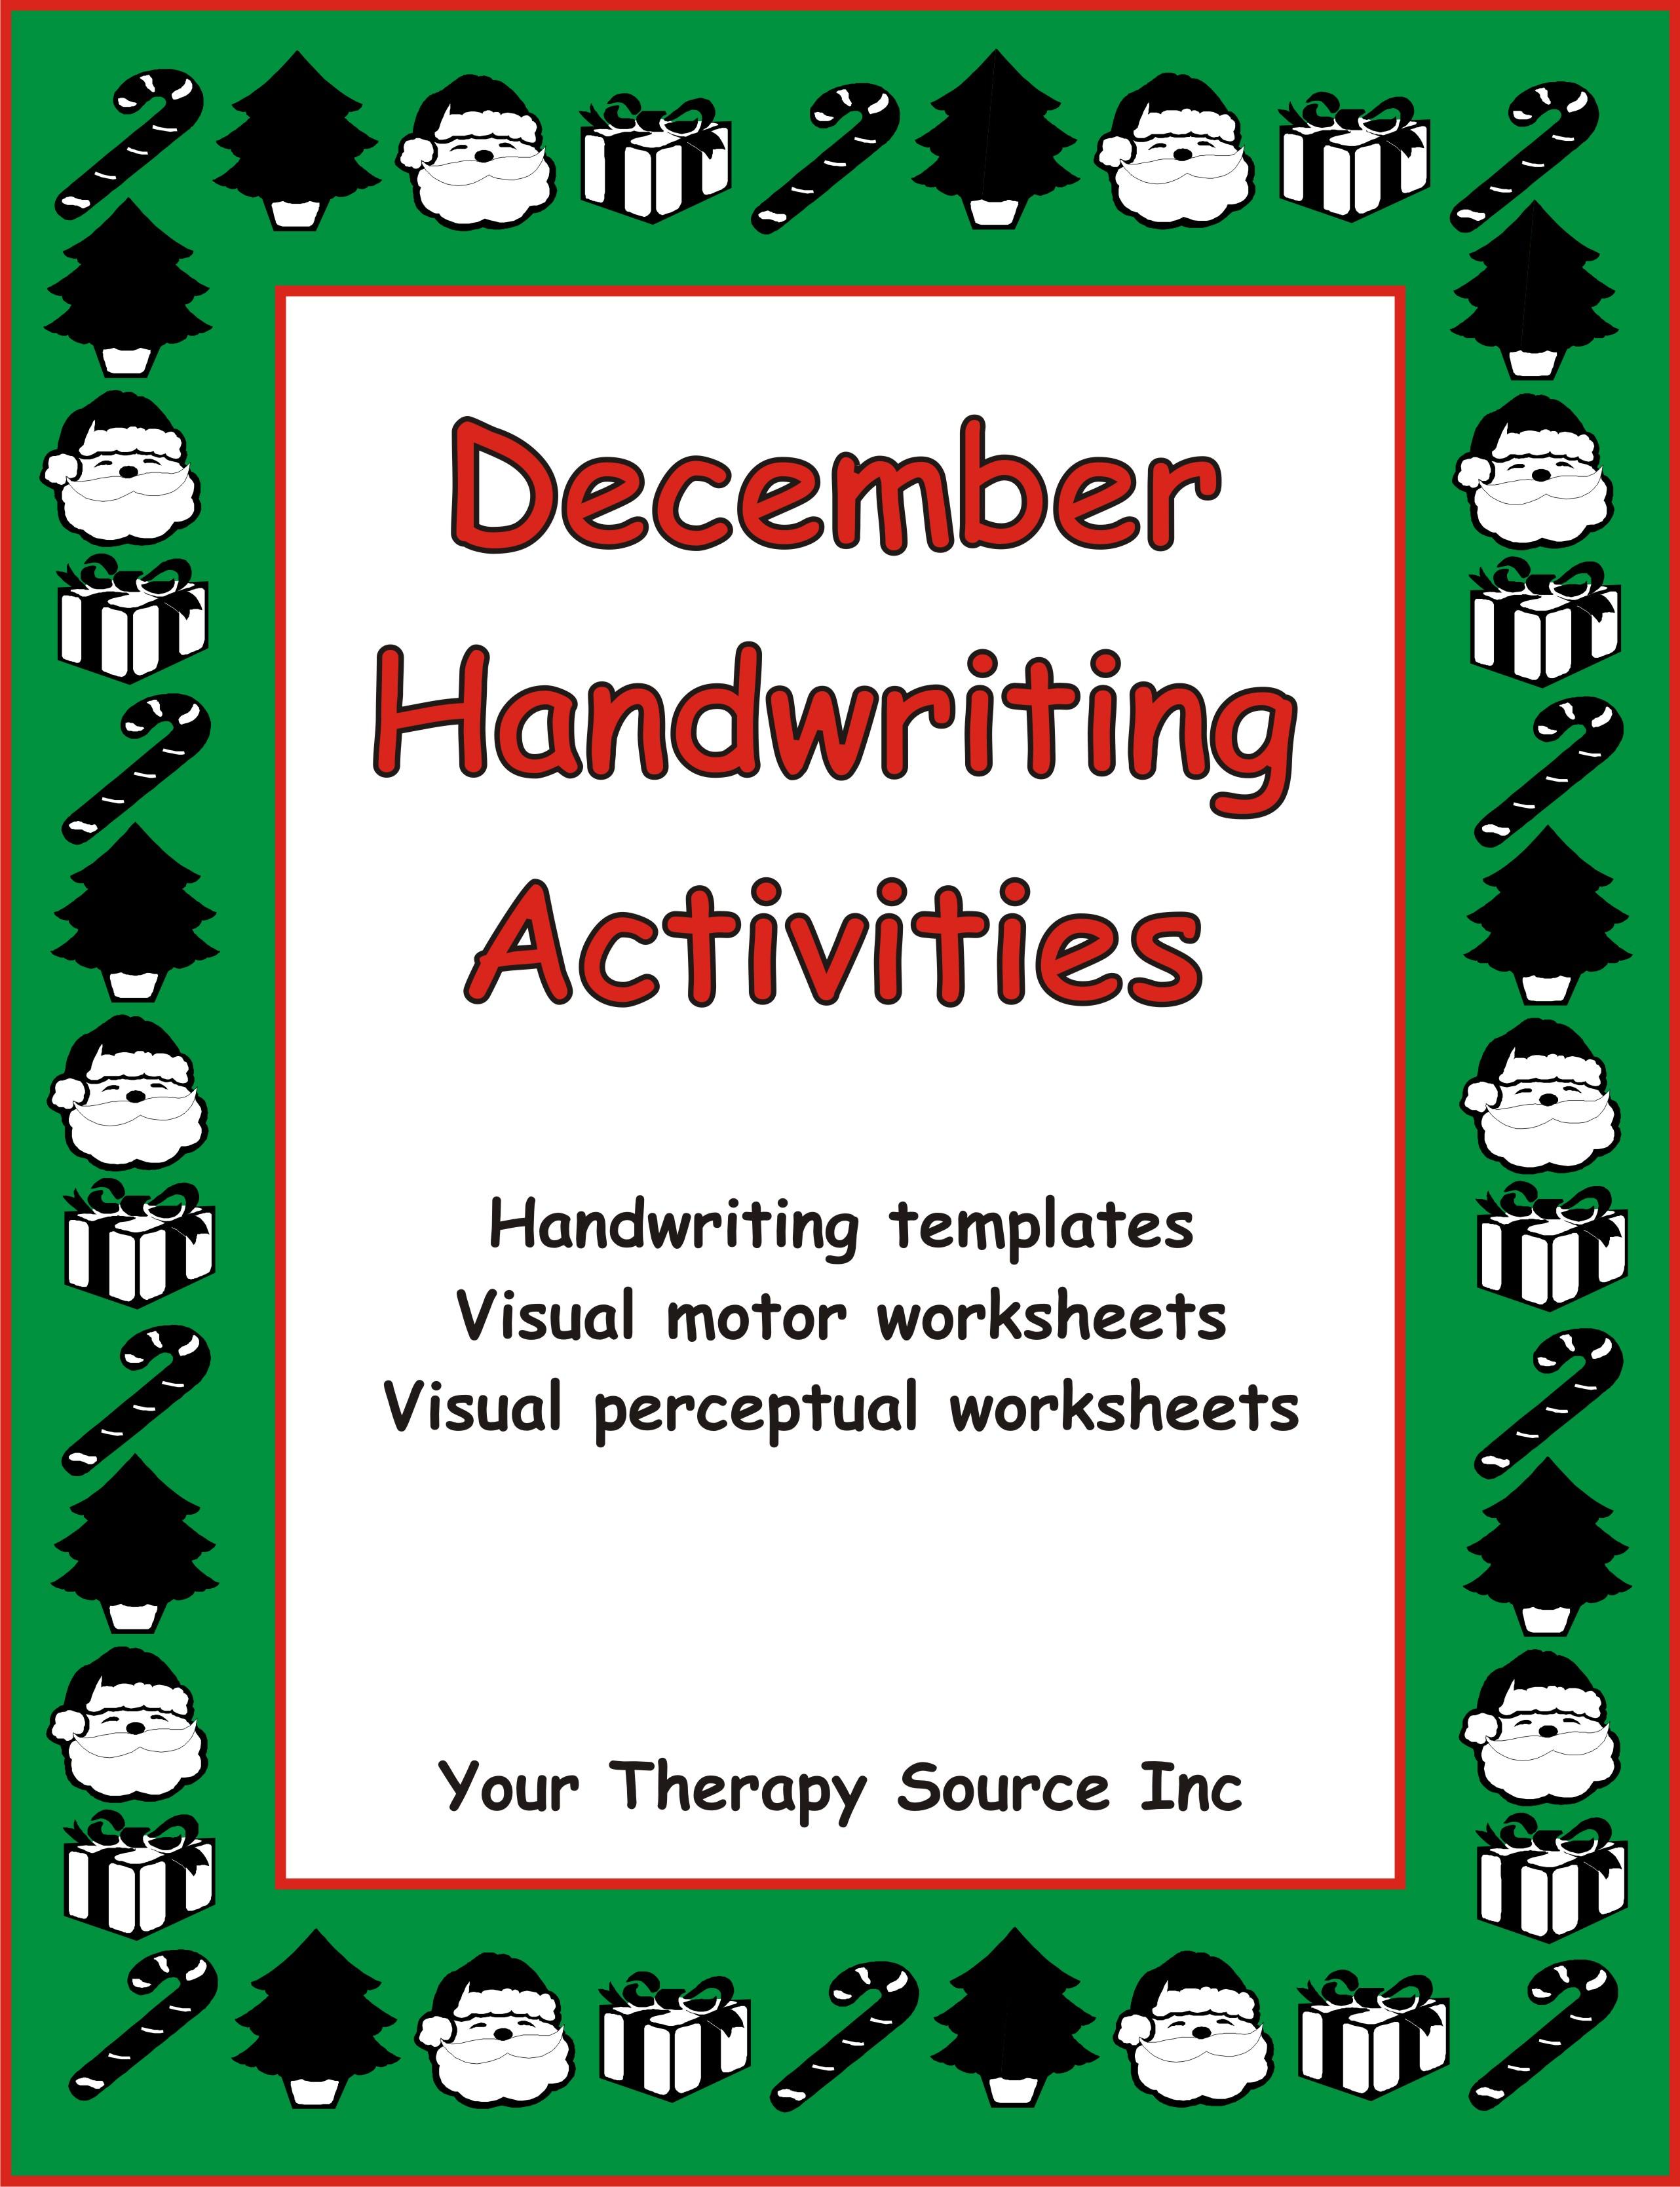 December Handwriting Activities